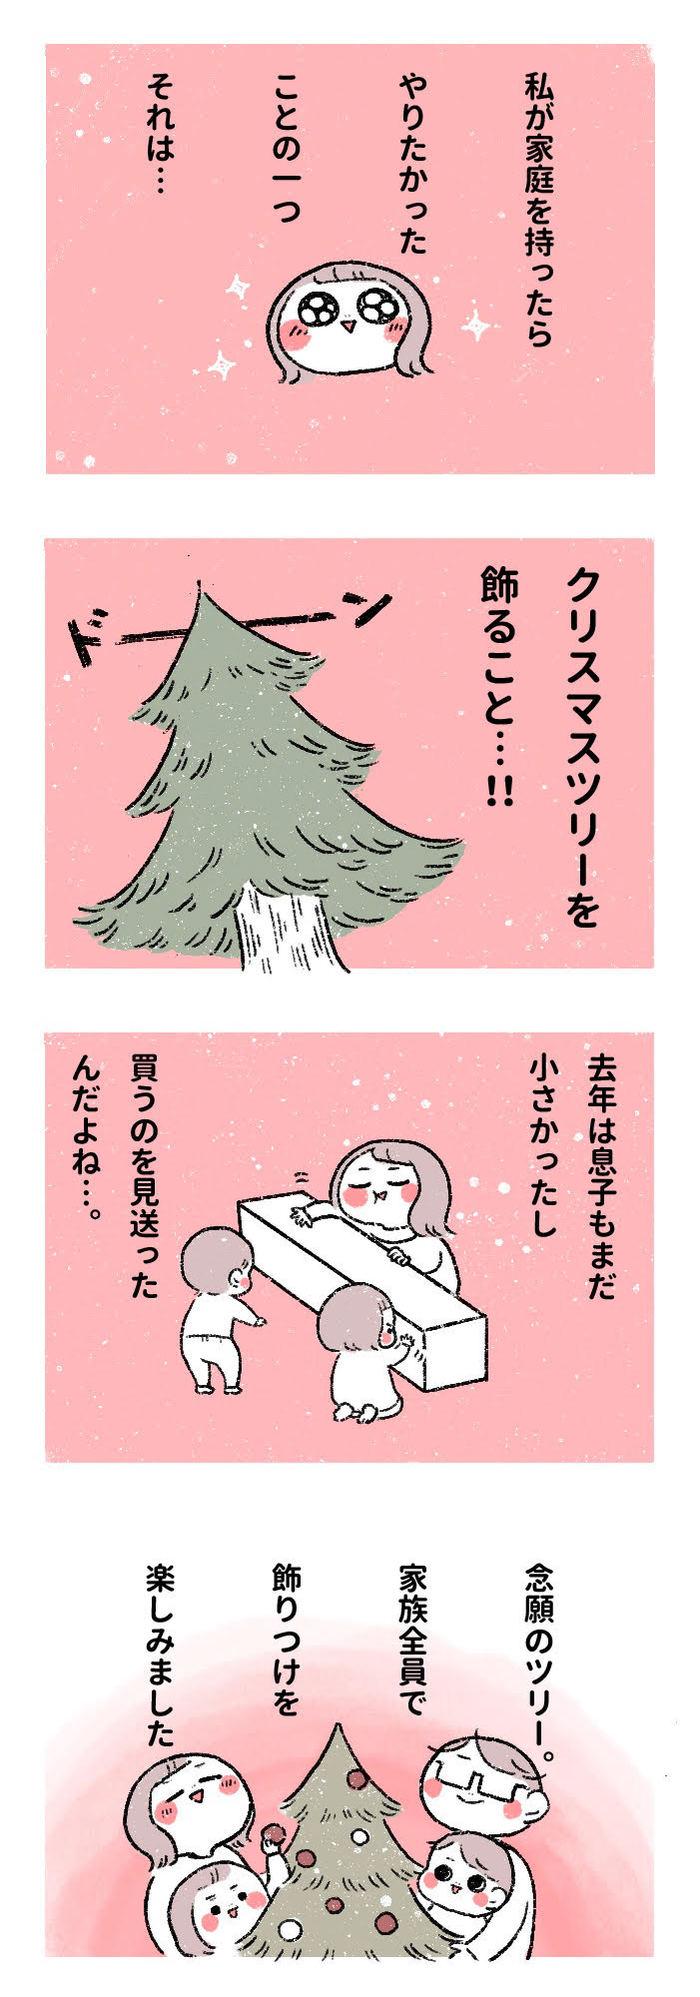 憧れのクリスマスツリーのはずが…。小さい子どもとツリーの相性は最悪だった(涙)の画像1